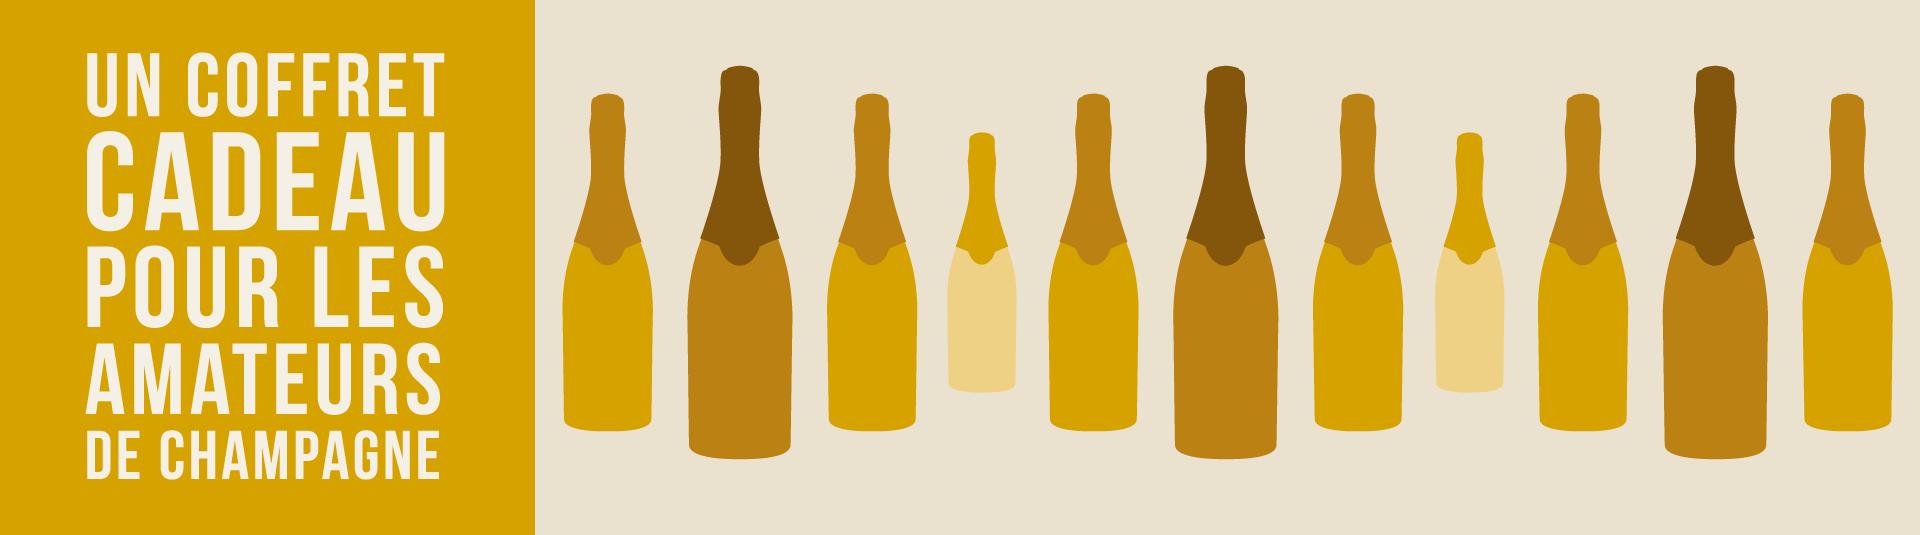 Cadeaux Coffrets Champagne